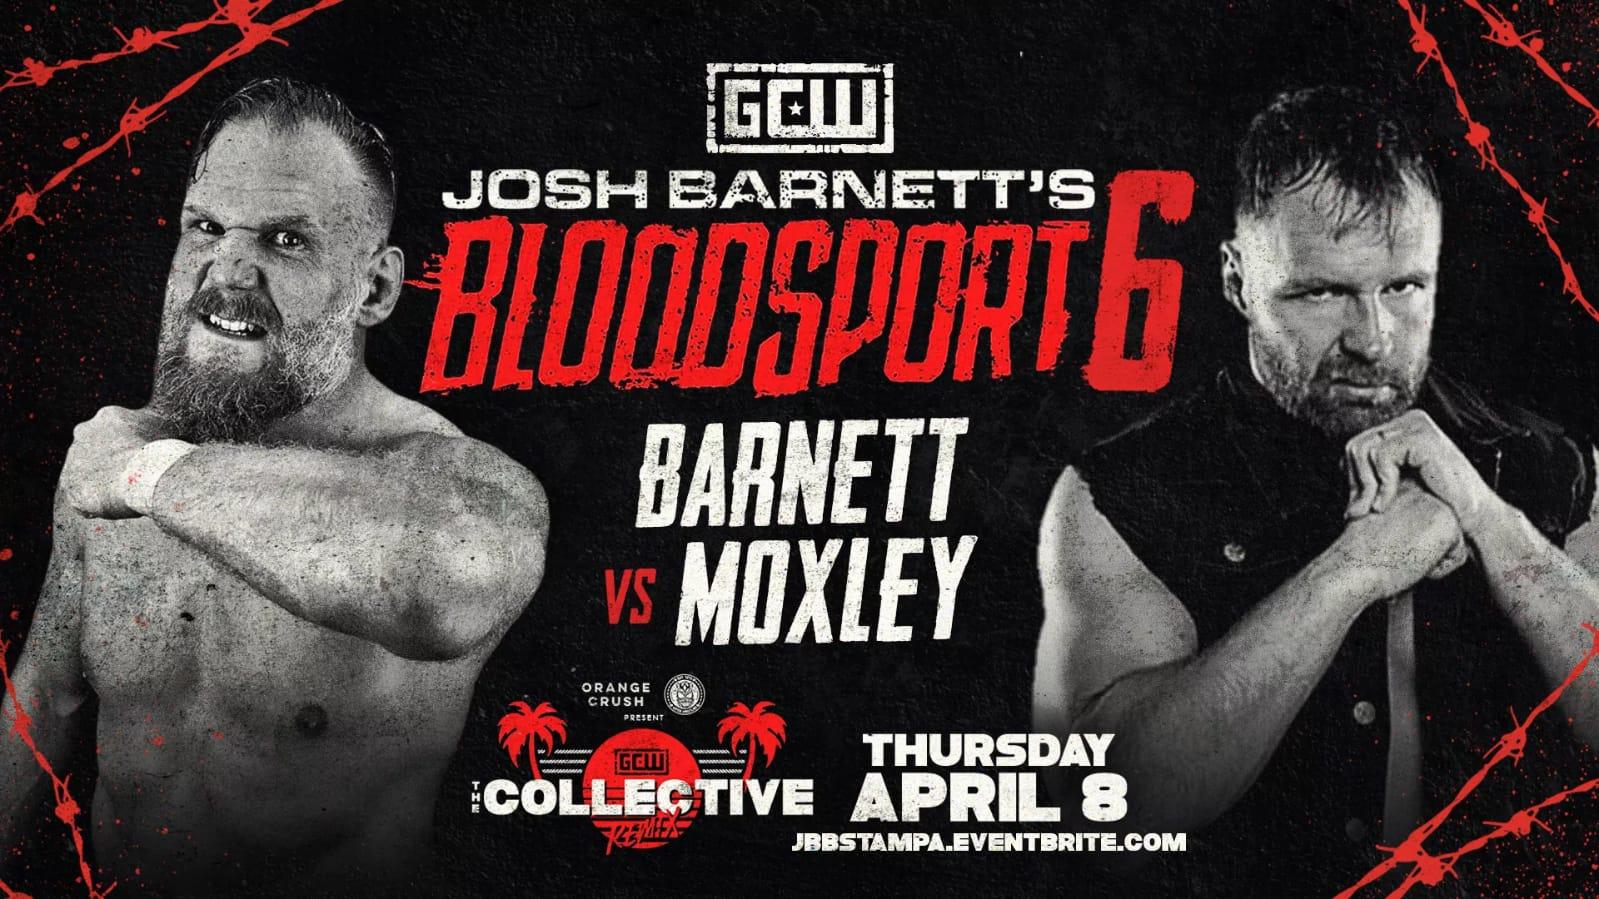 Moxley vs Barnett quienes se enfrentaron en la lucha estelar de Bloodsport 6.